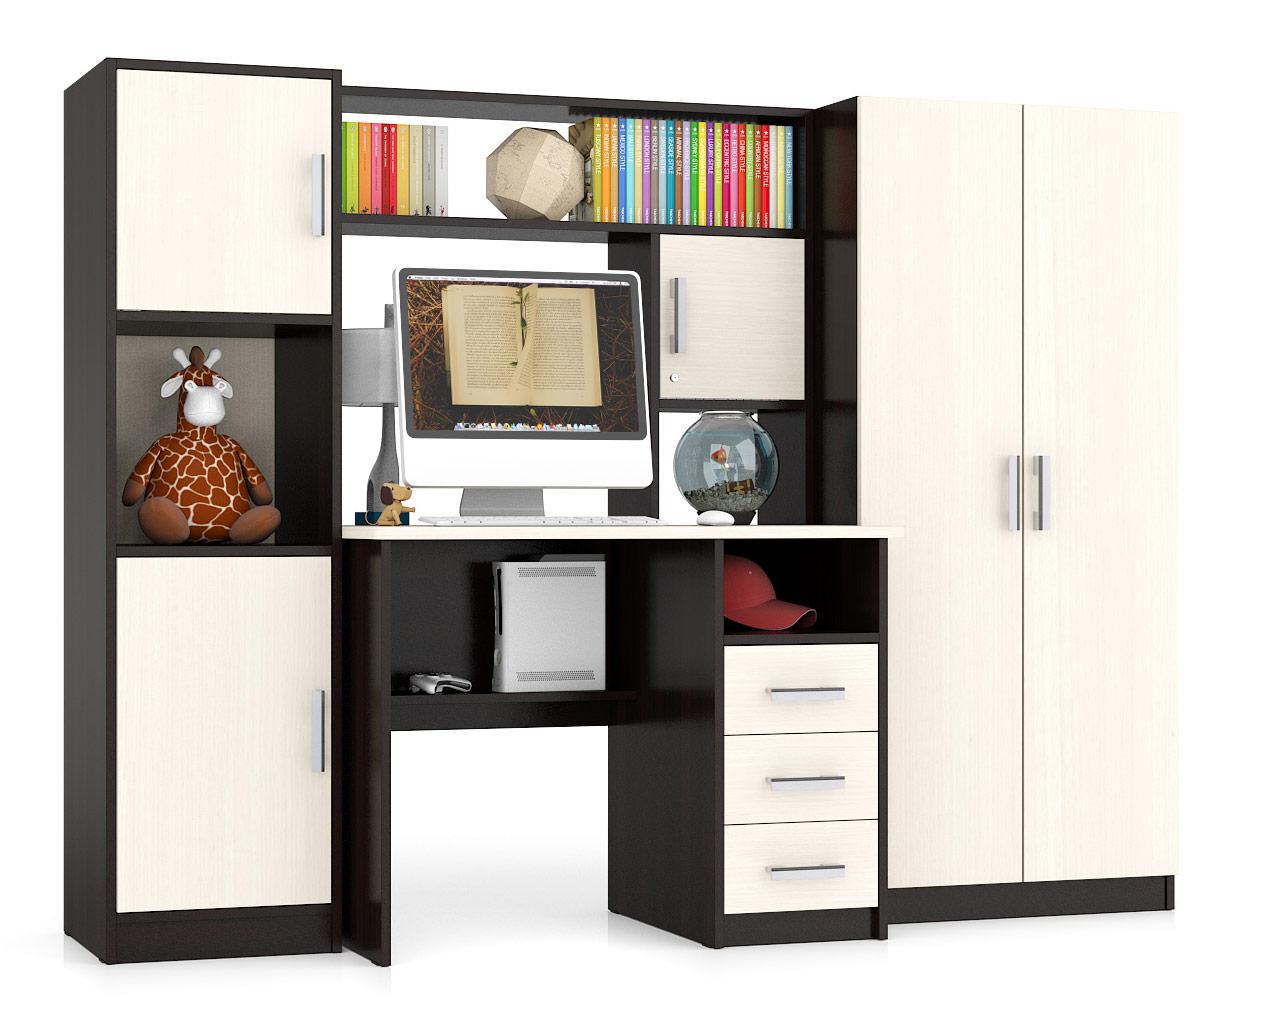 Стол компьютерный Мебельный Двор СК-9 215х70х160 см, дуб/венге